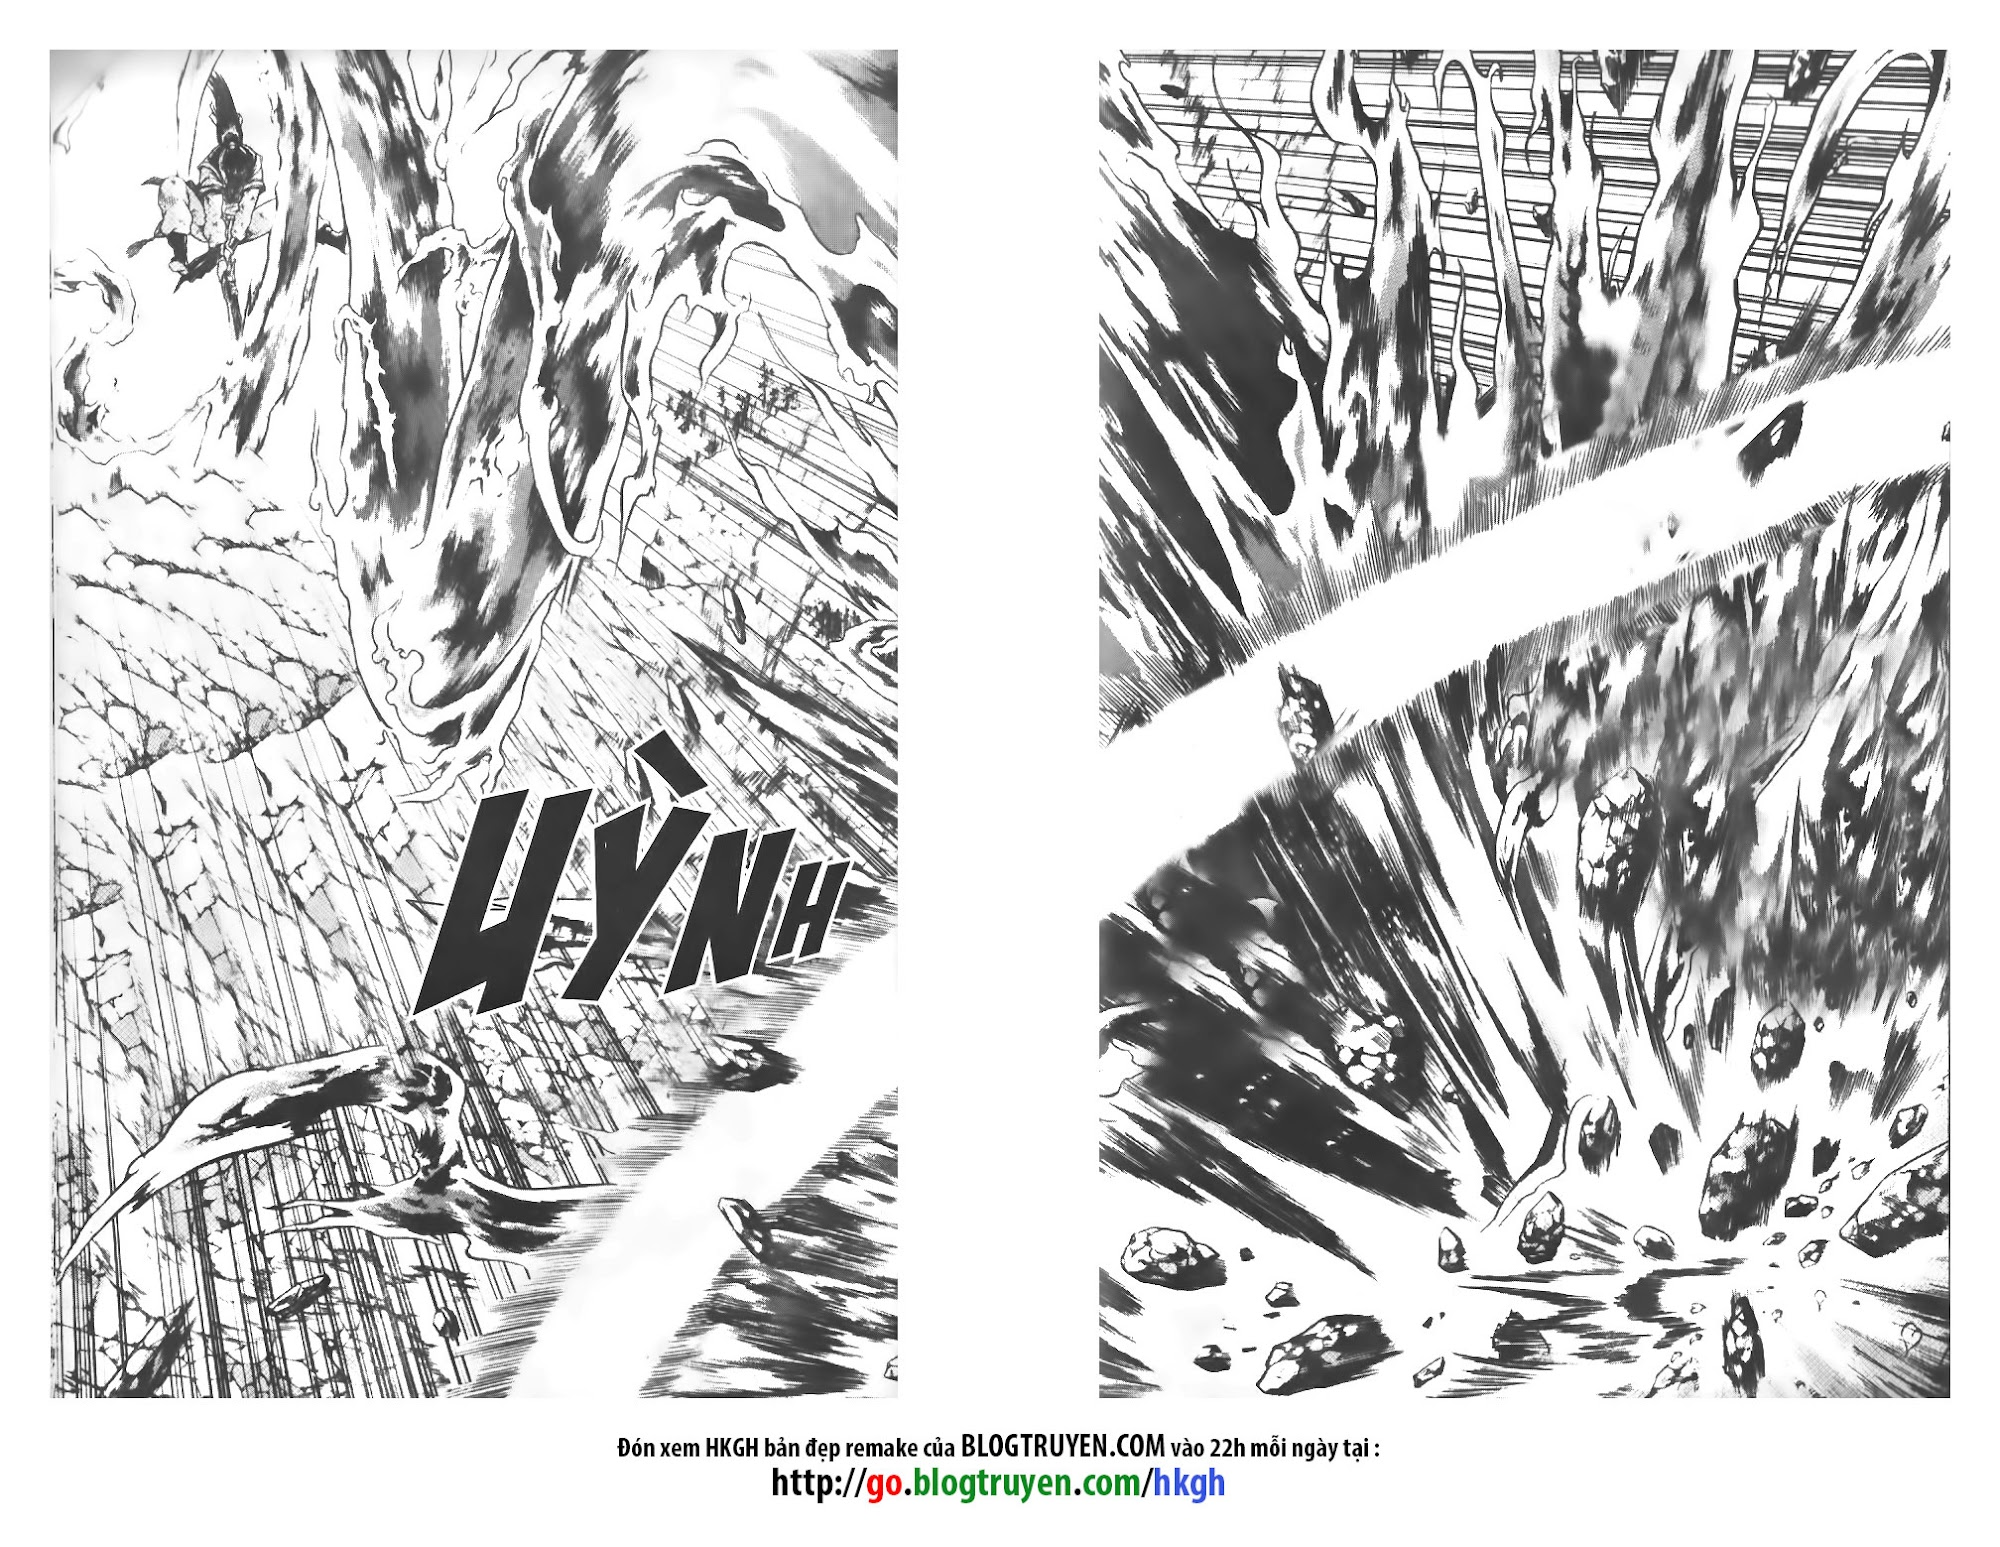 Hiệp Khách Giang Hồ - Hiệp Khách Giang Hồ Chap 304 - Pic 3